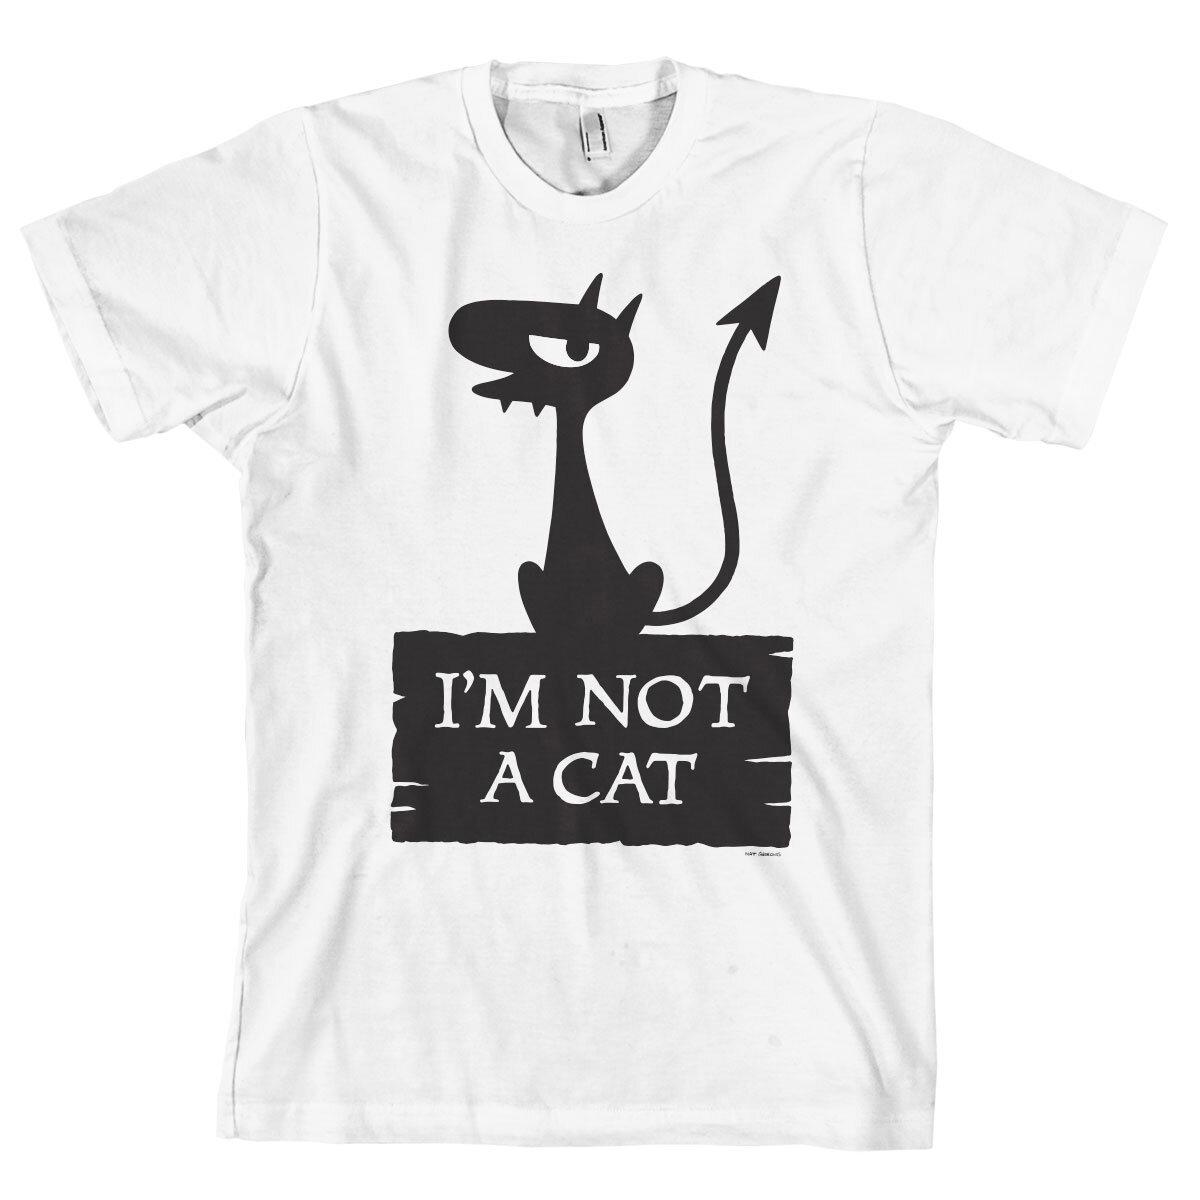 Luci - I'm Not A Cat T-Shirt